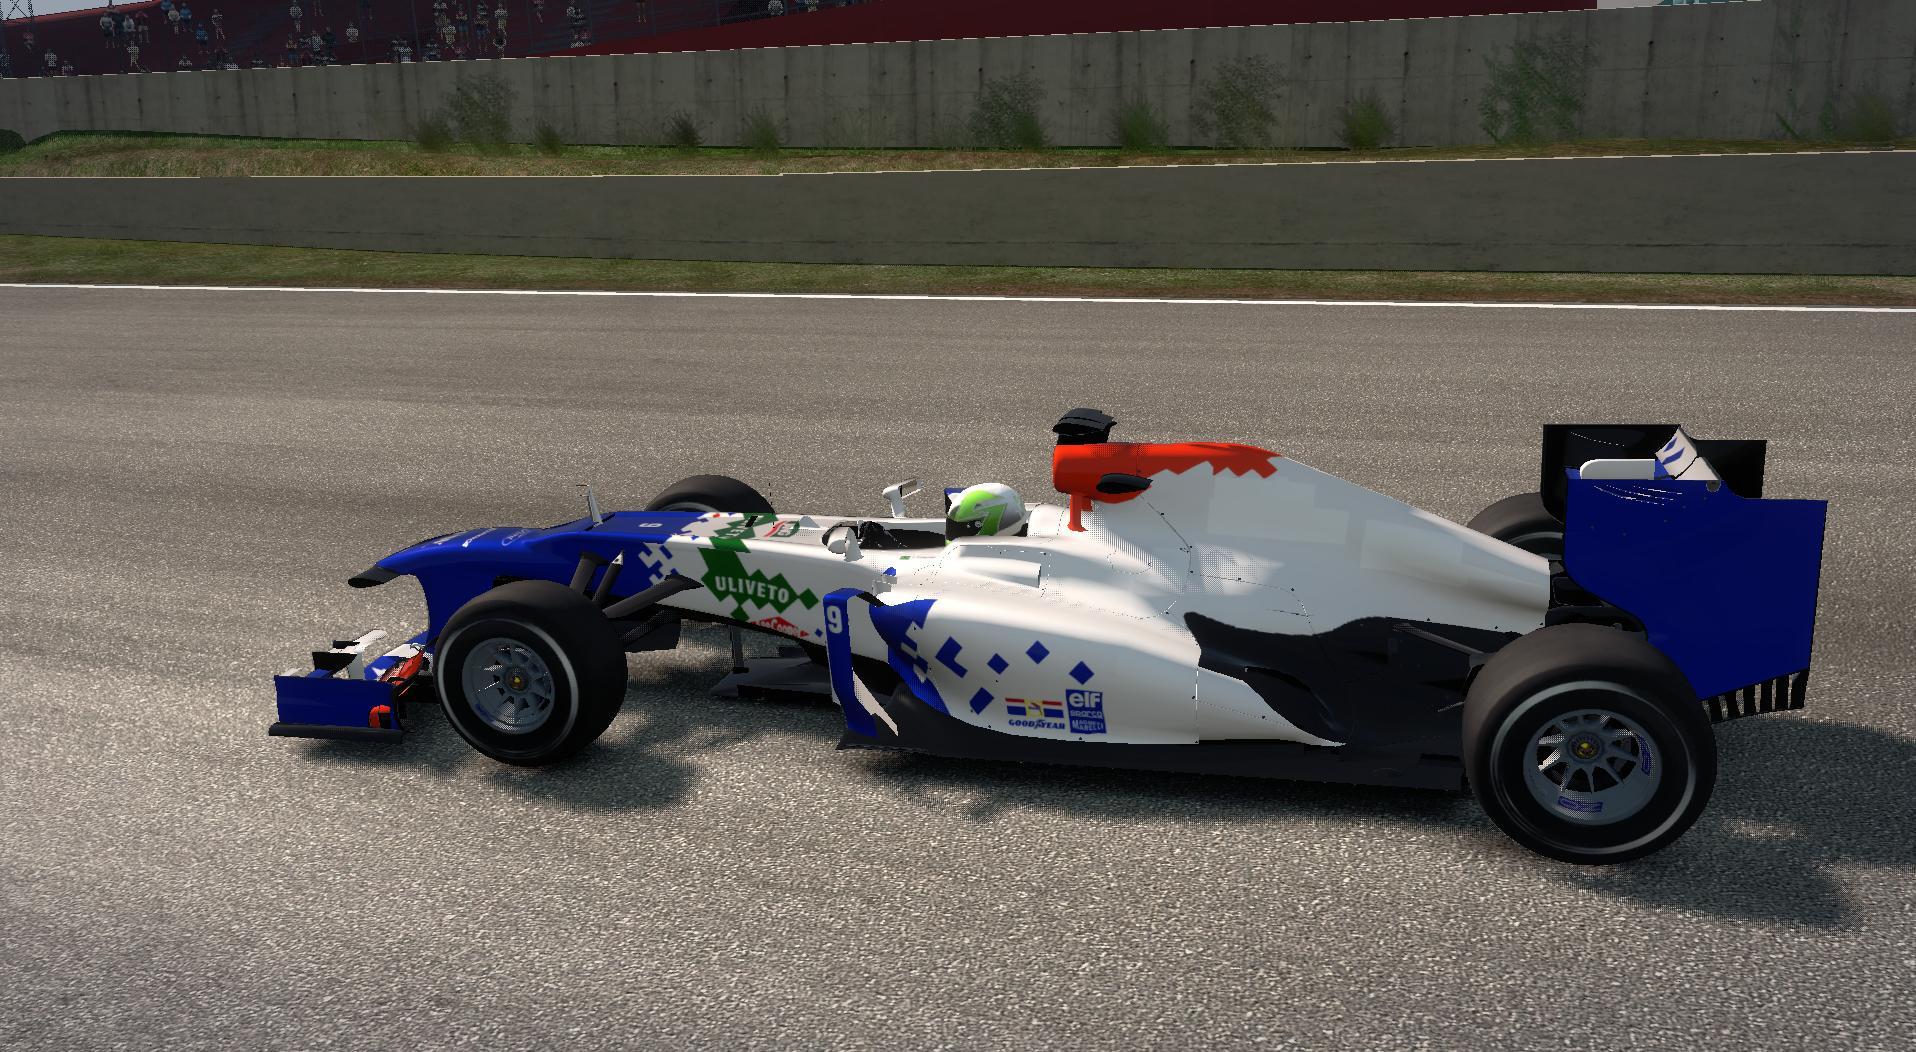 F1_2013 2014-04-10 18-16-26-37.jpg